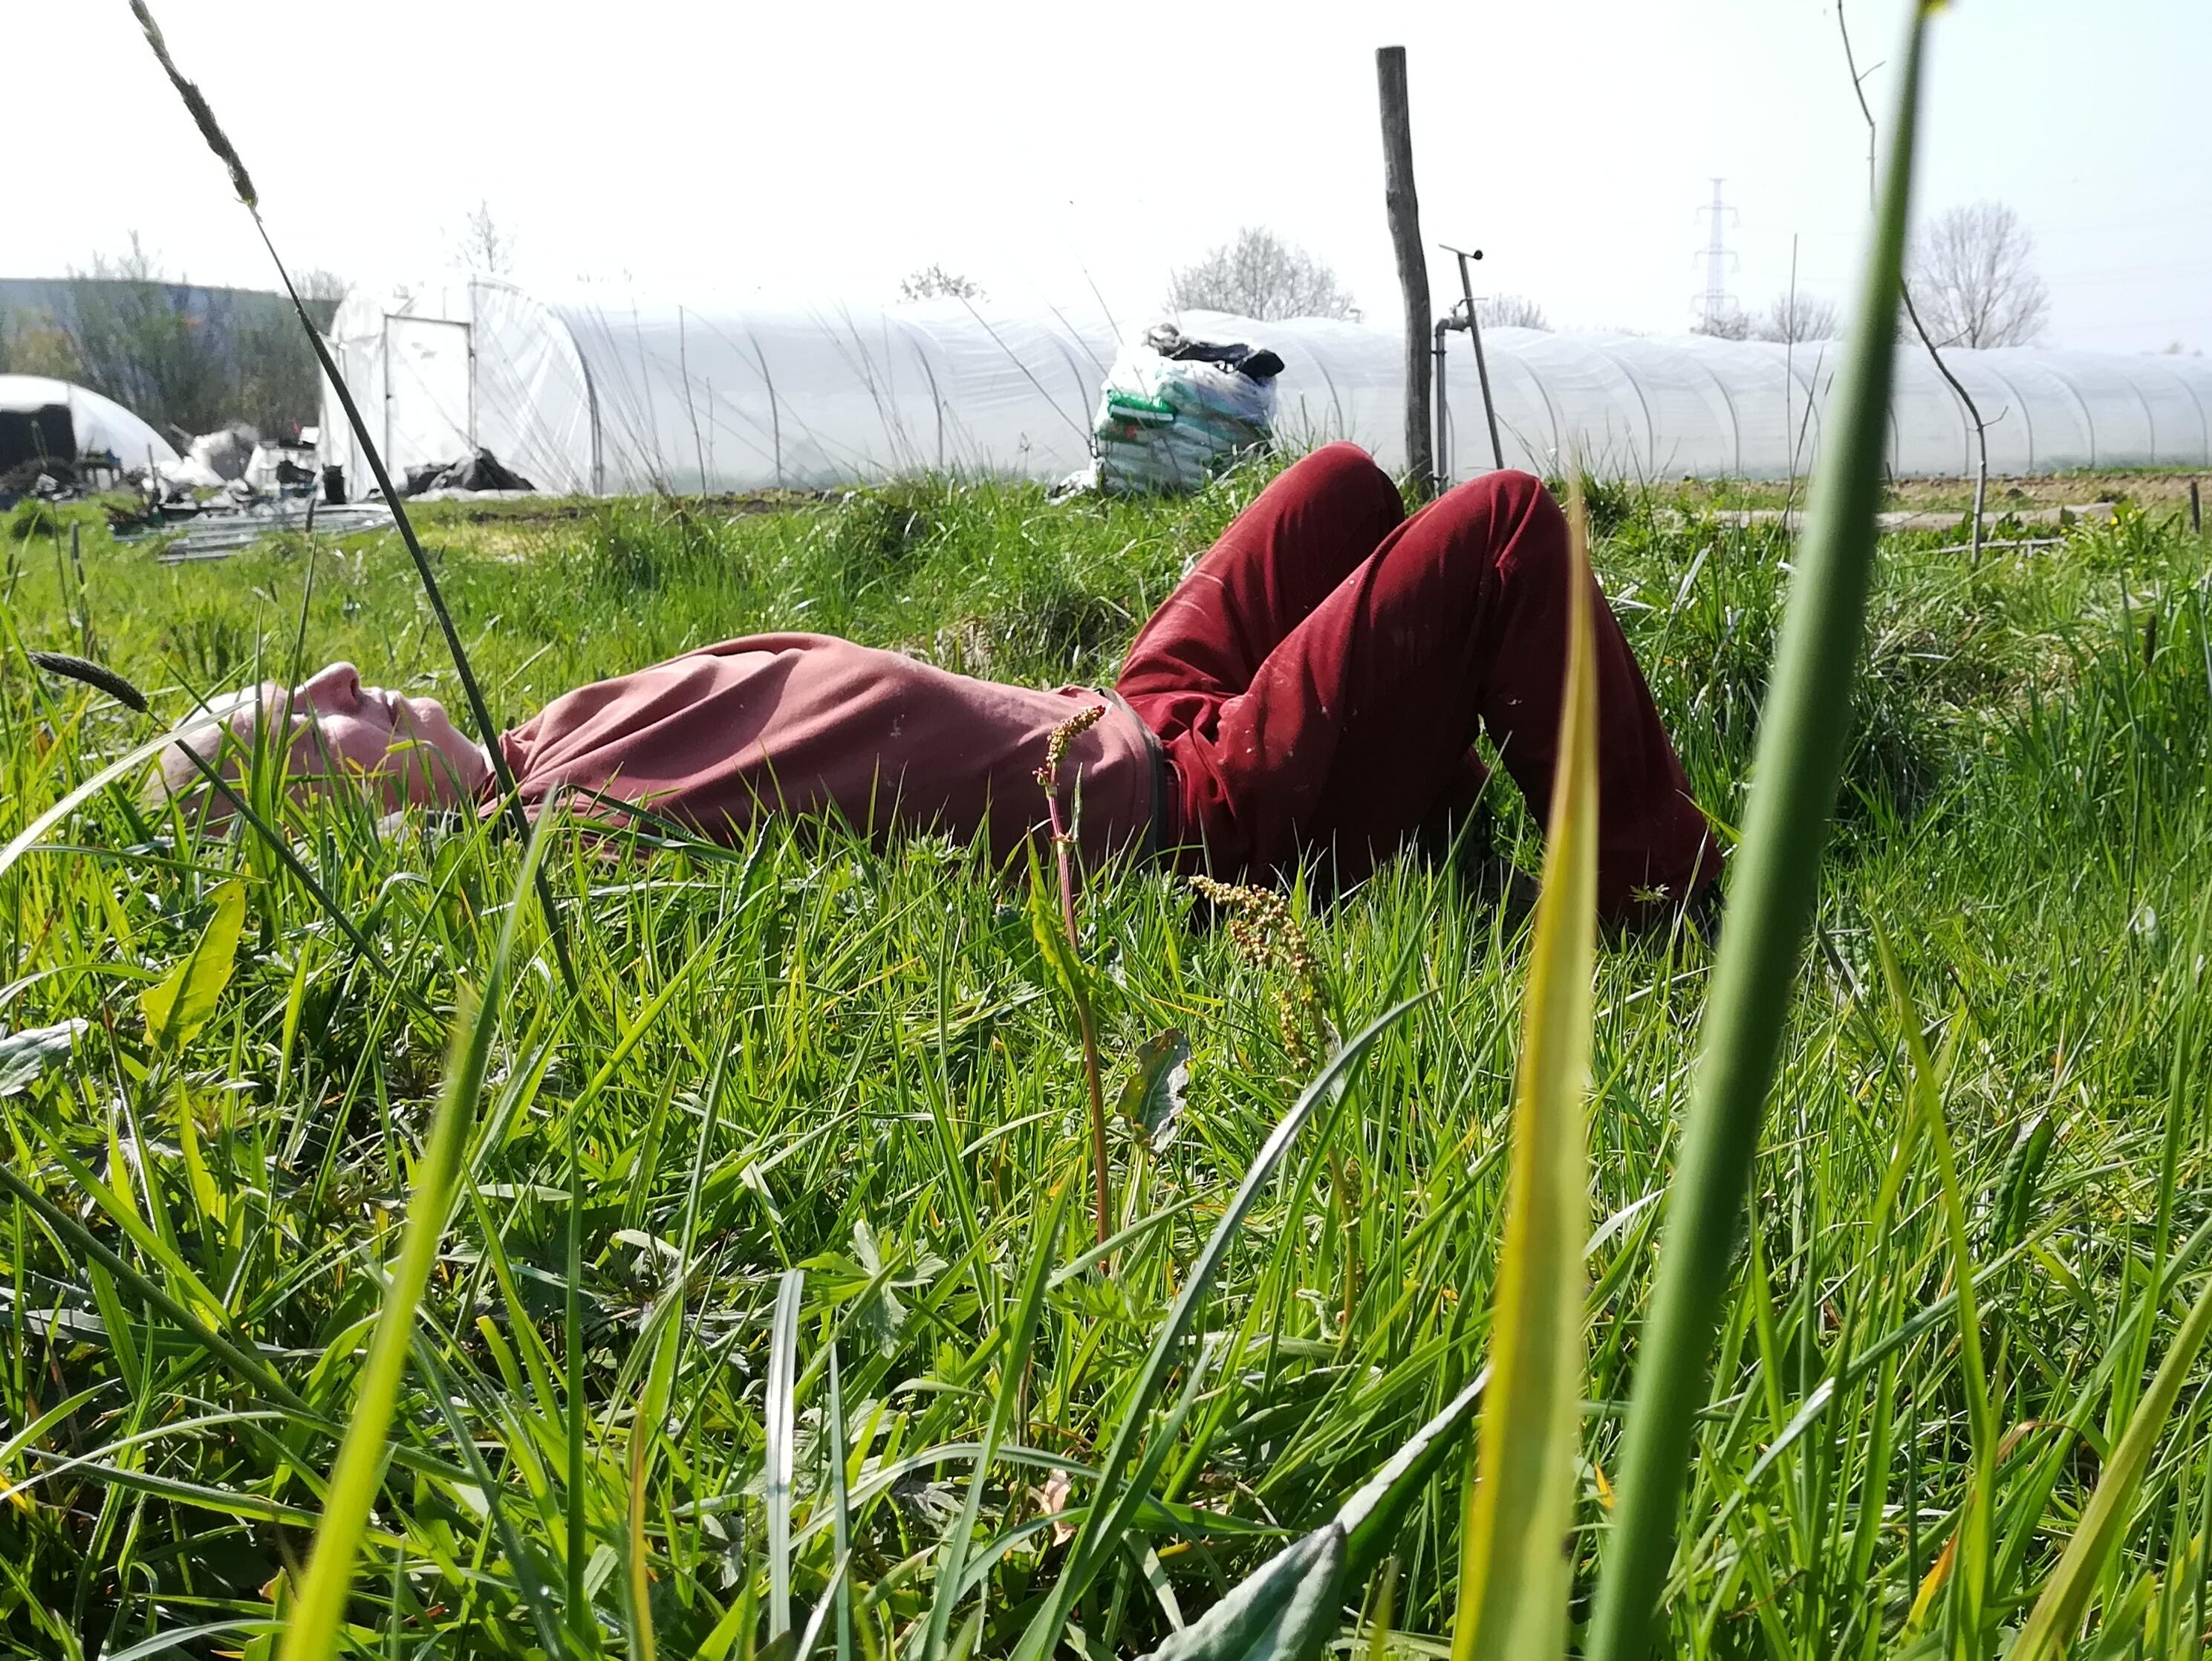 welverdiende siesta